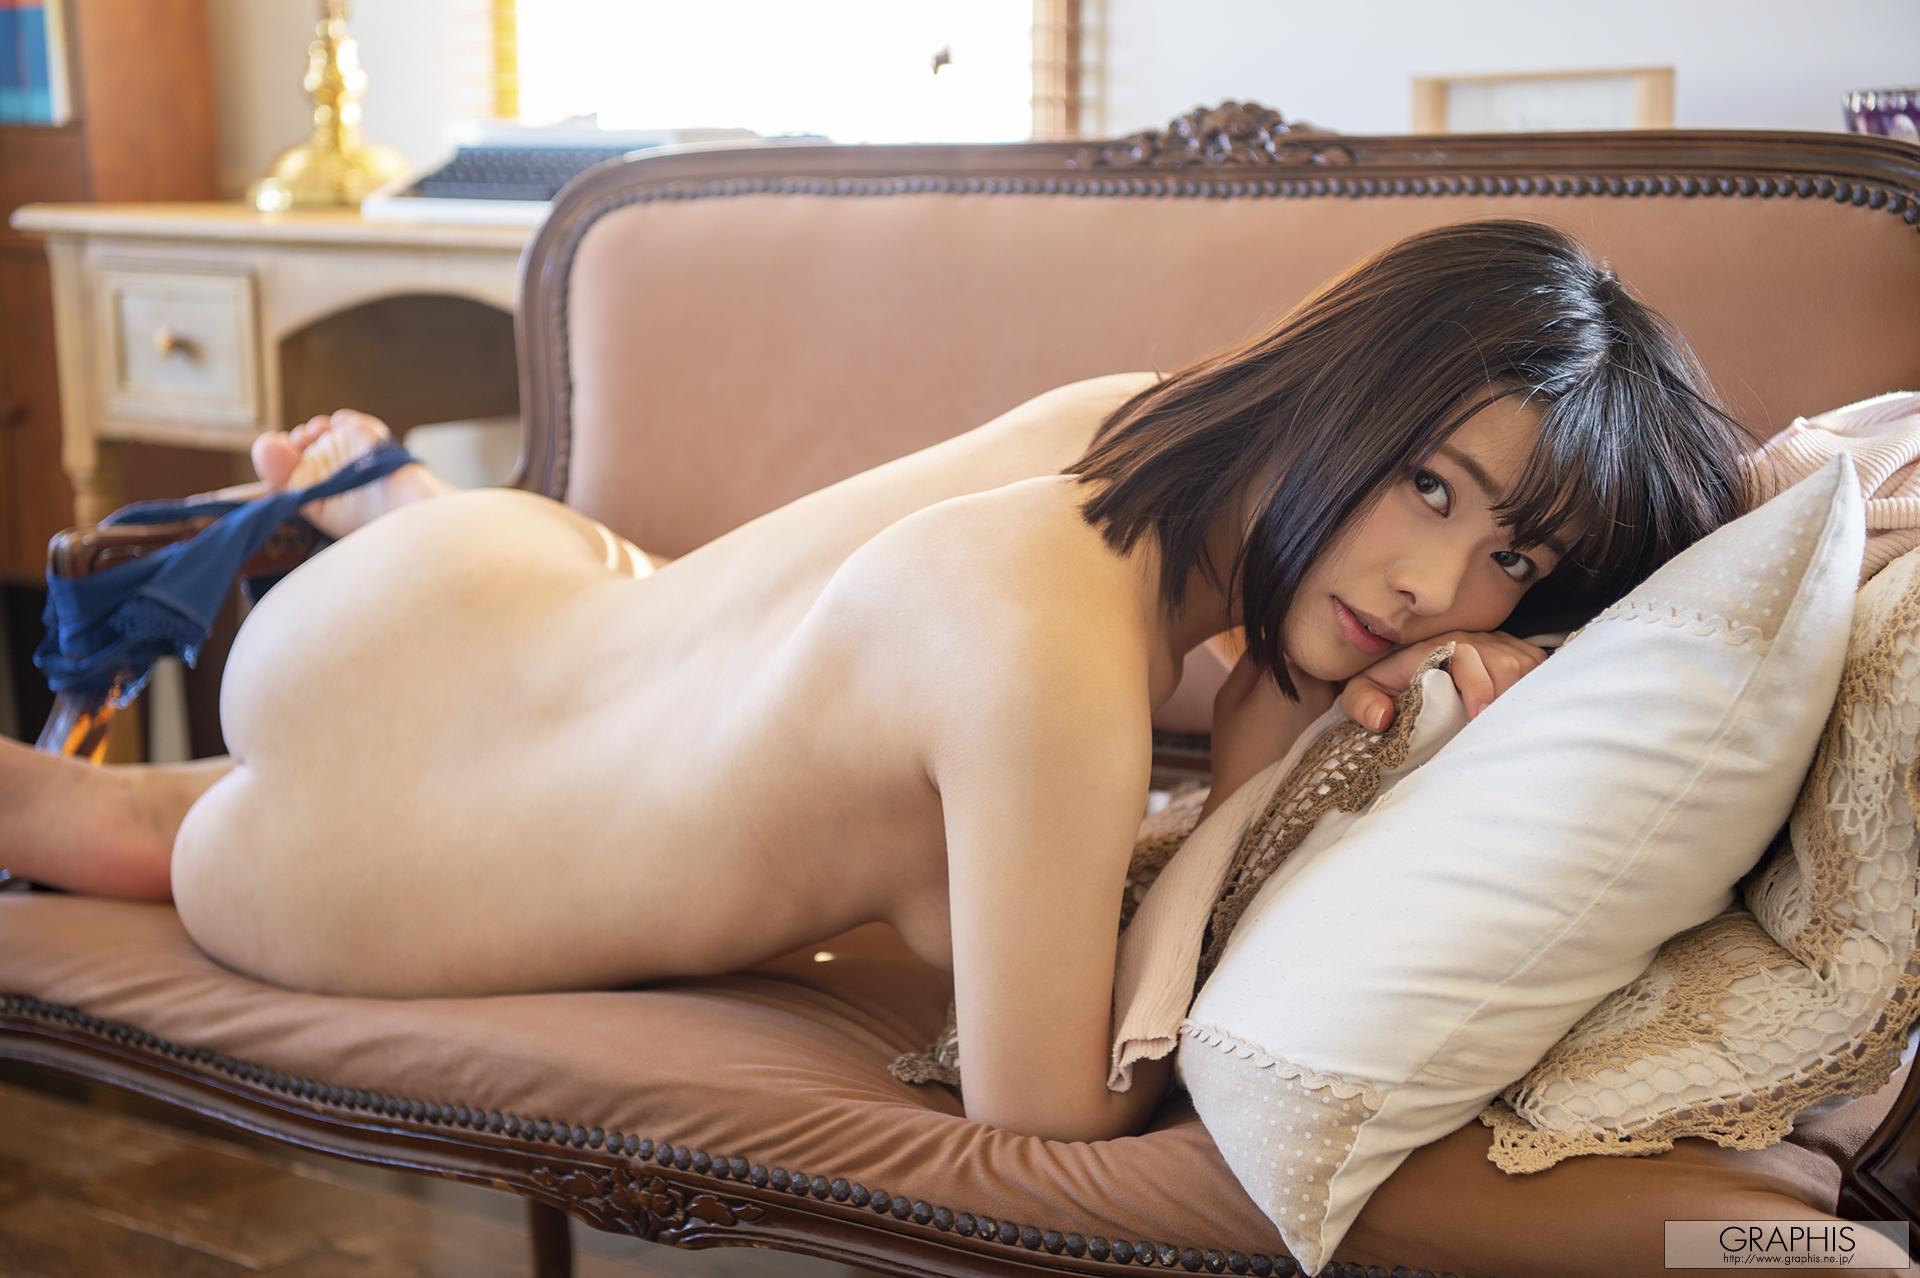 image http://scanlover.com/assets/images/1561-PhKzbRO9SYuShJuZ.jpeg